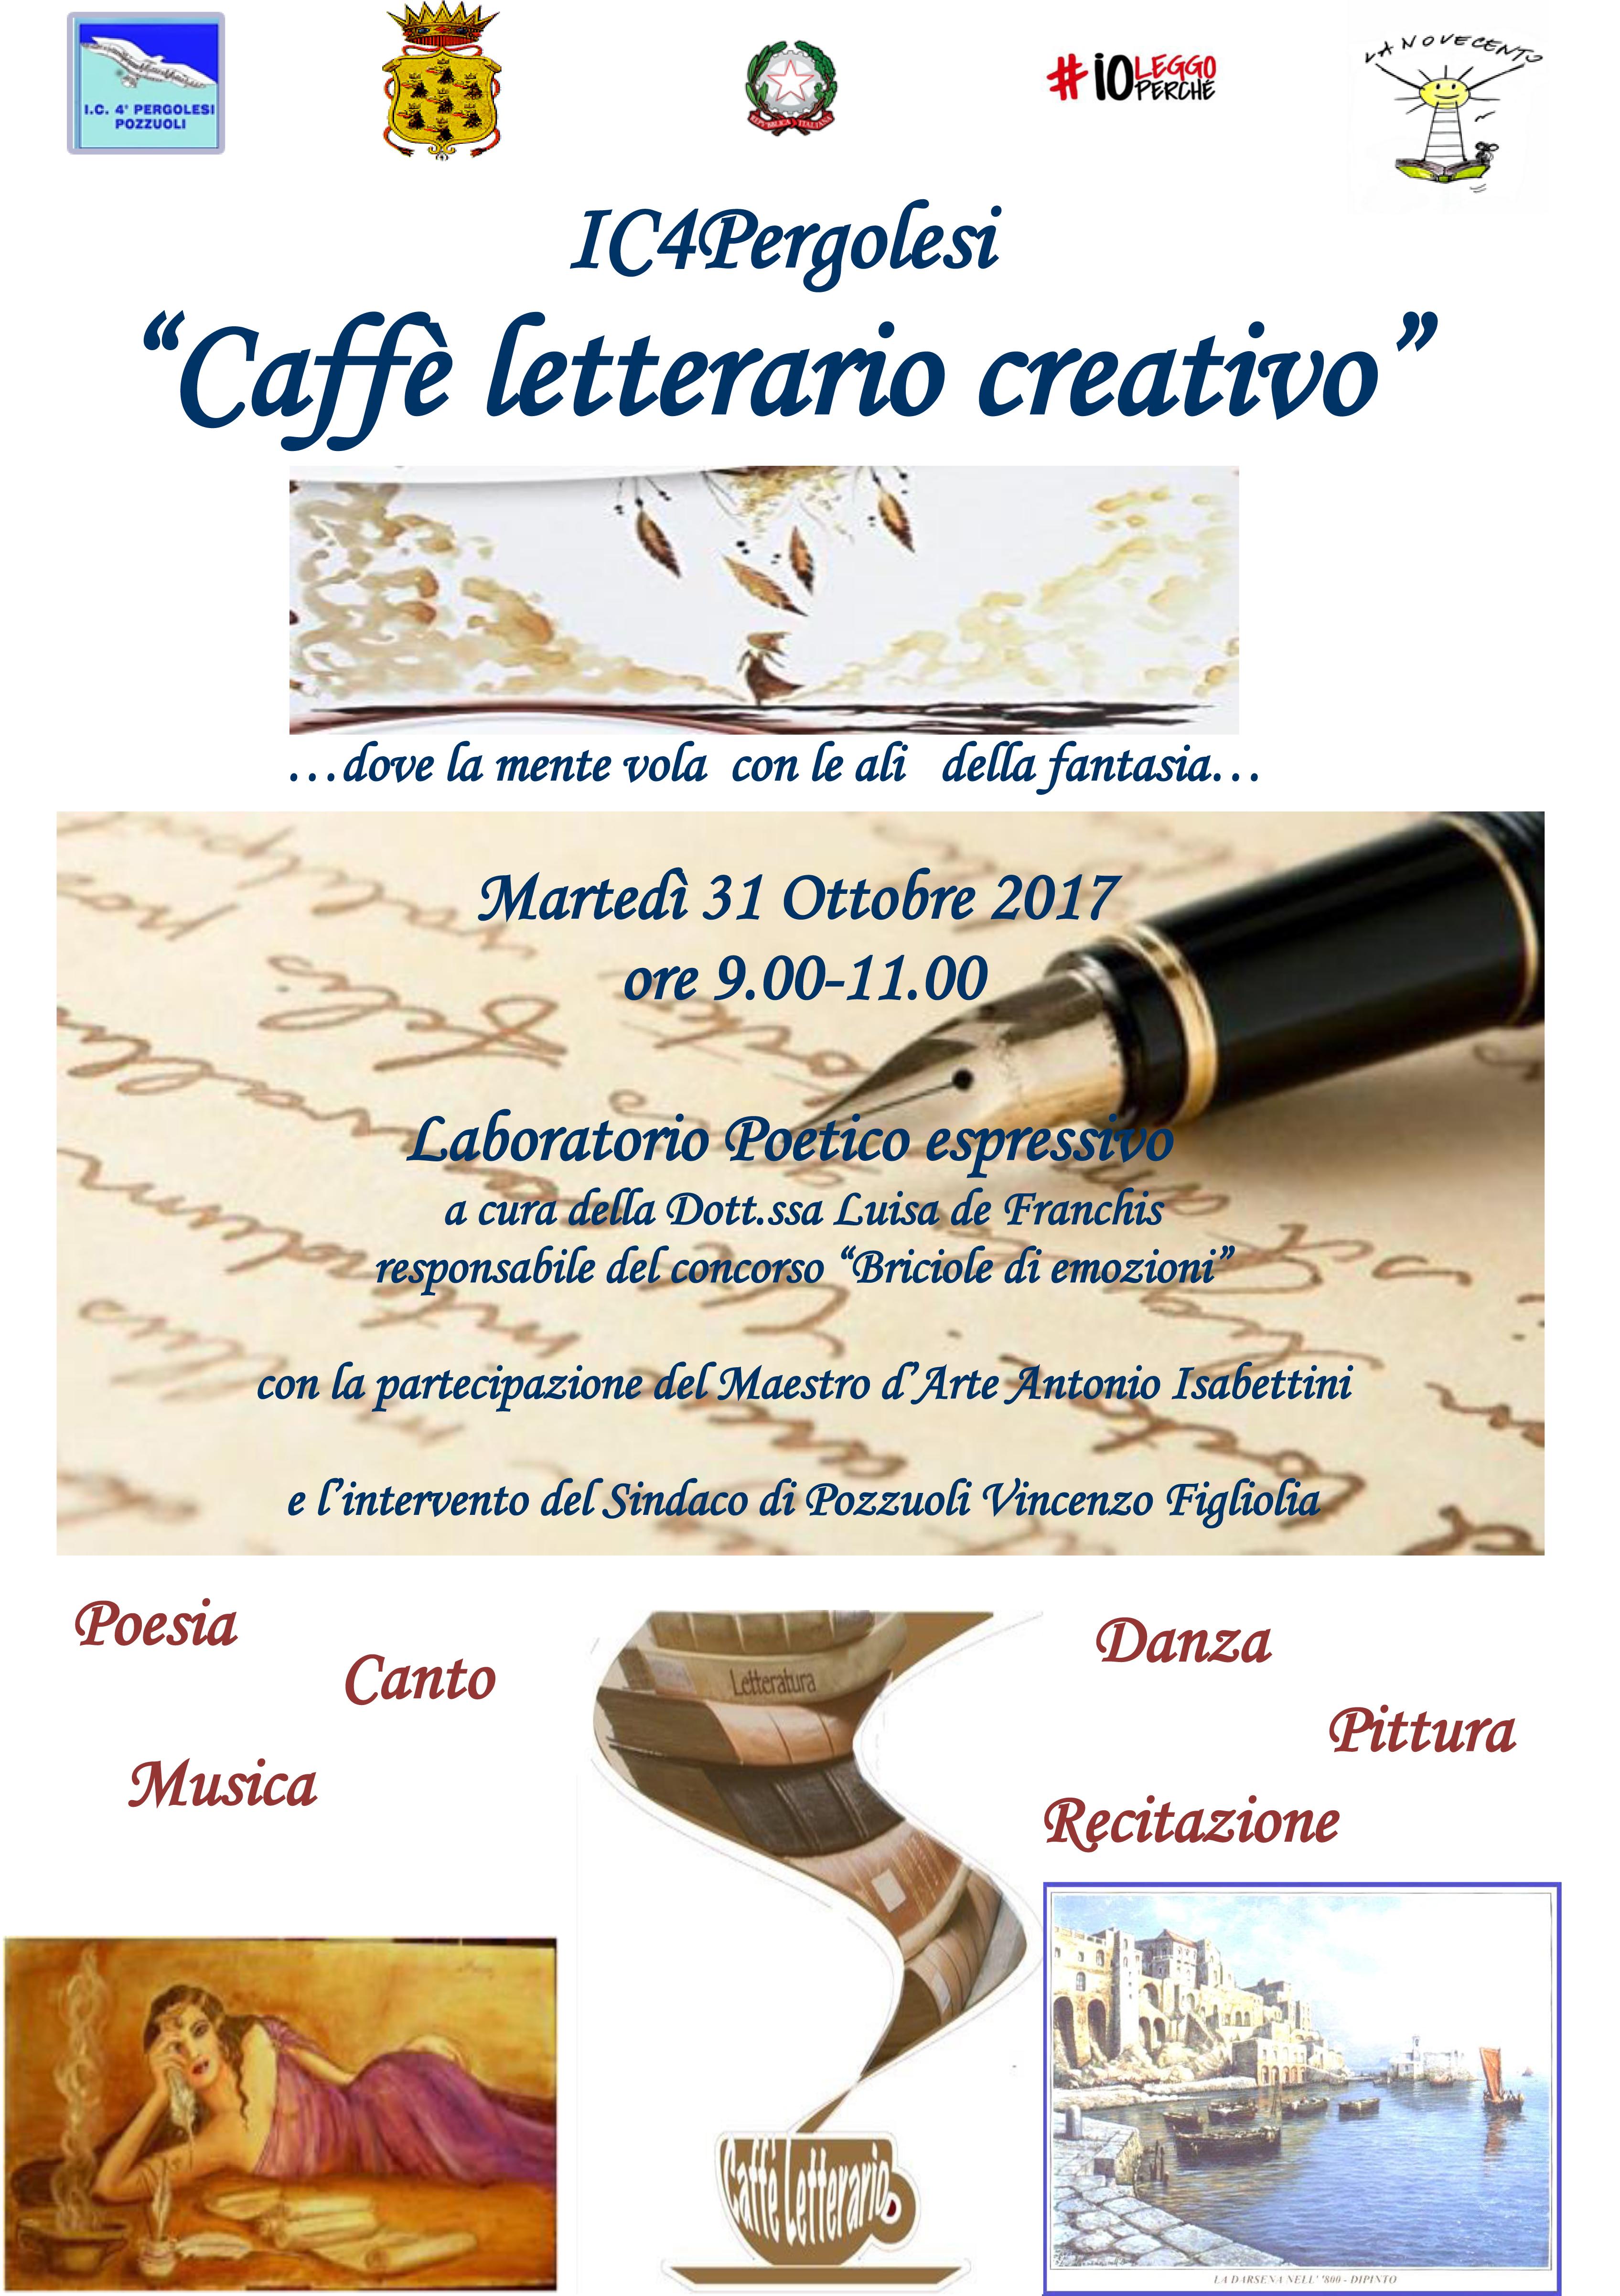 Locandina Caffè letterario creativo